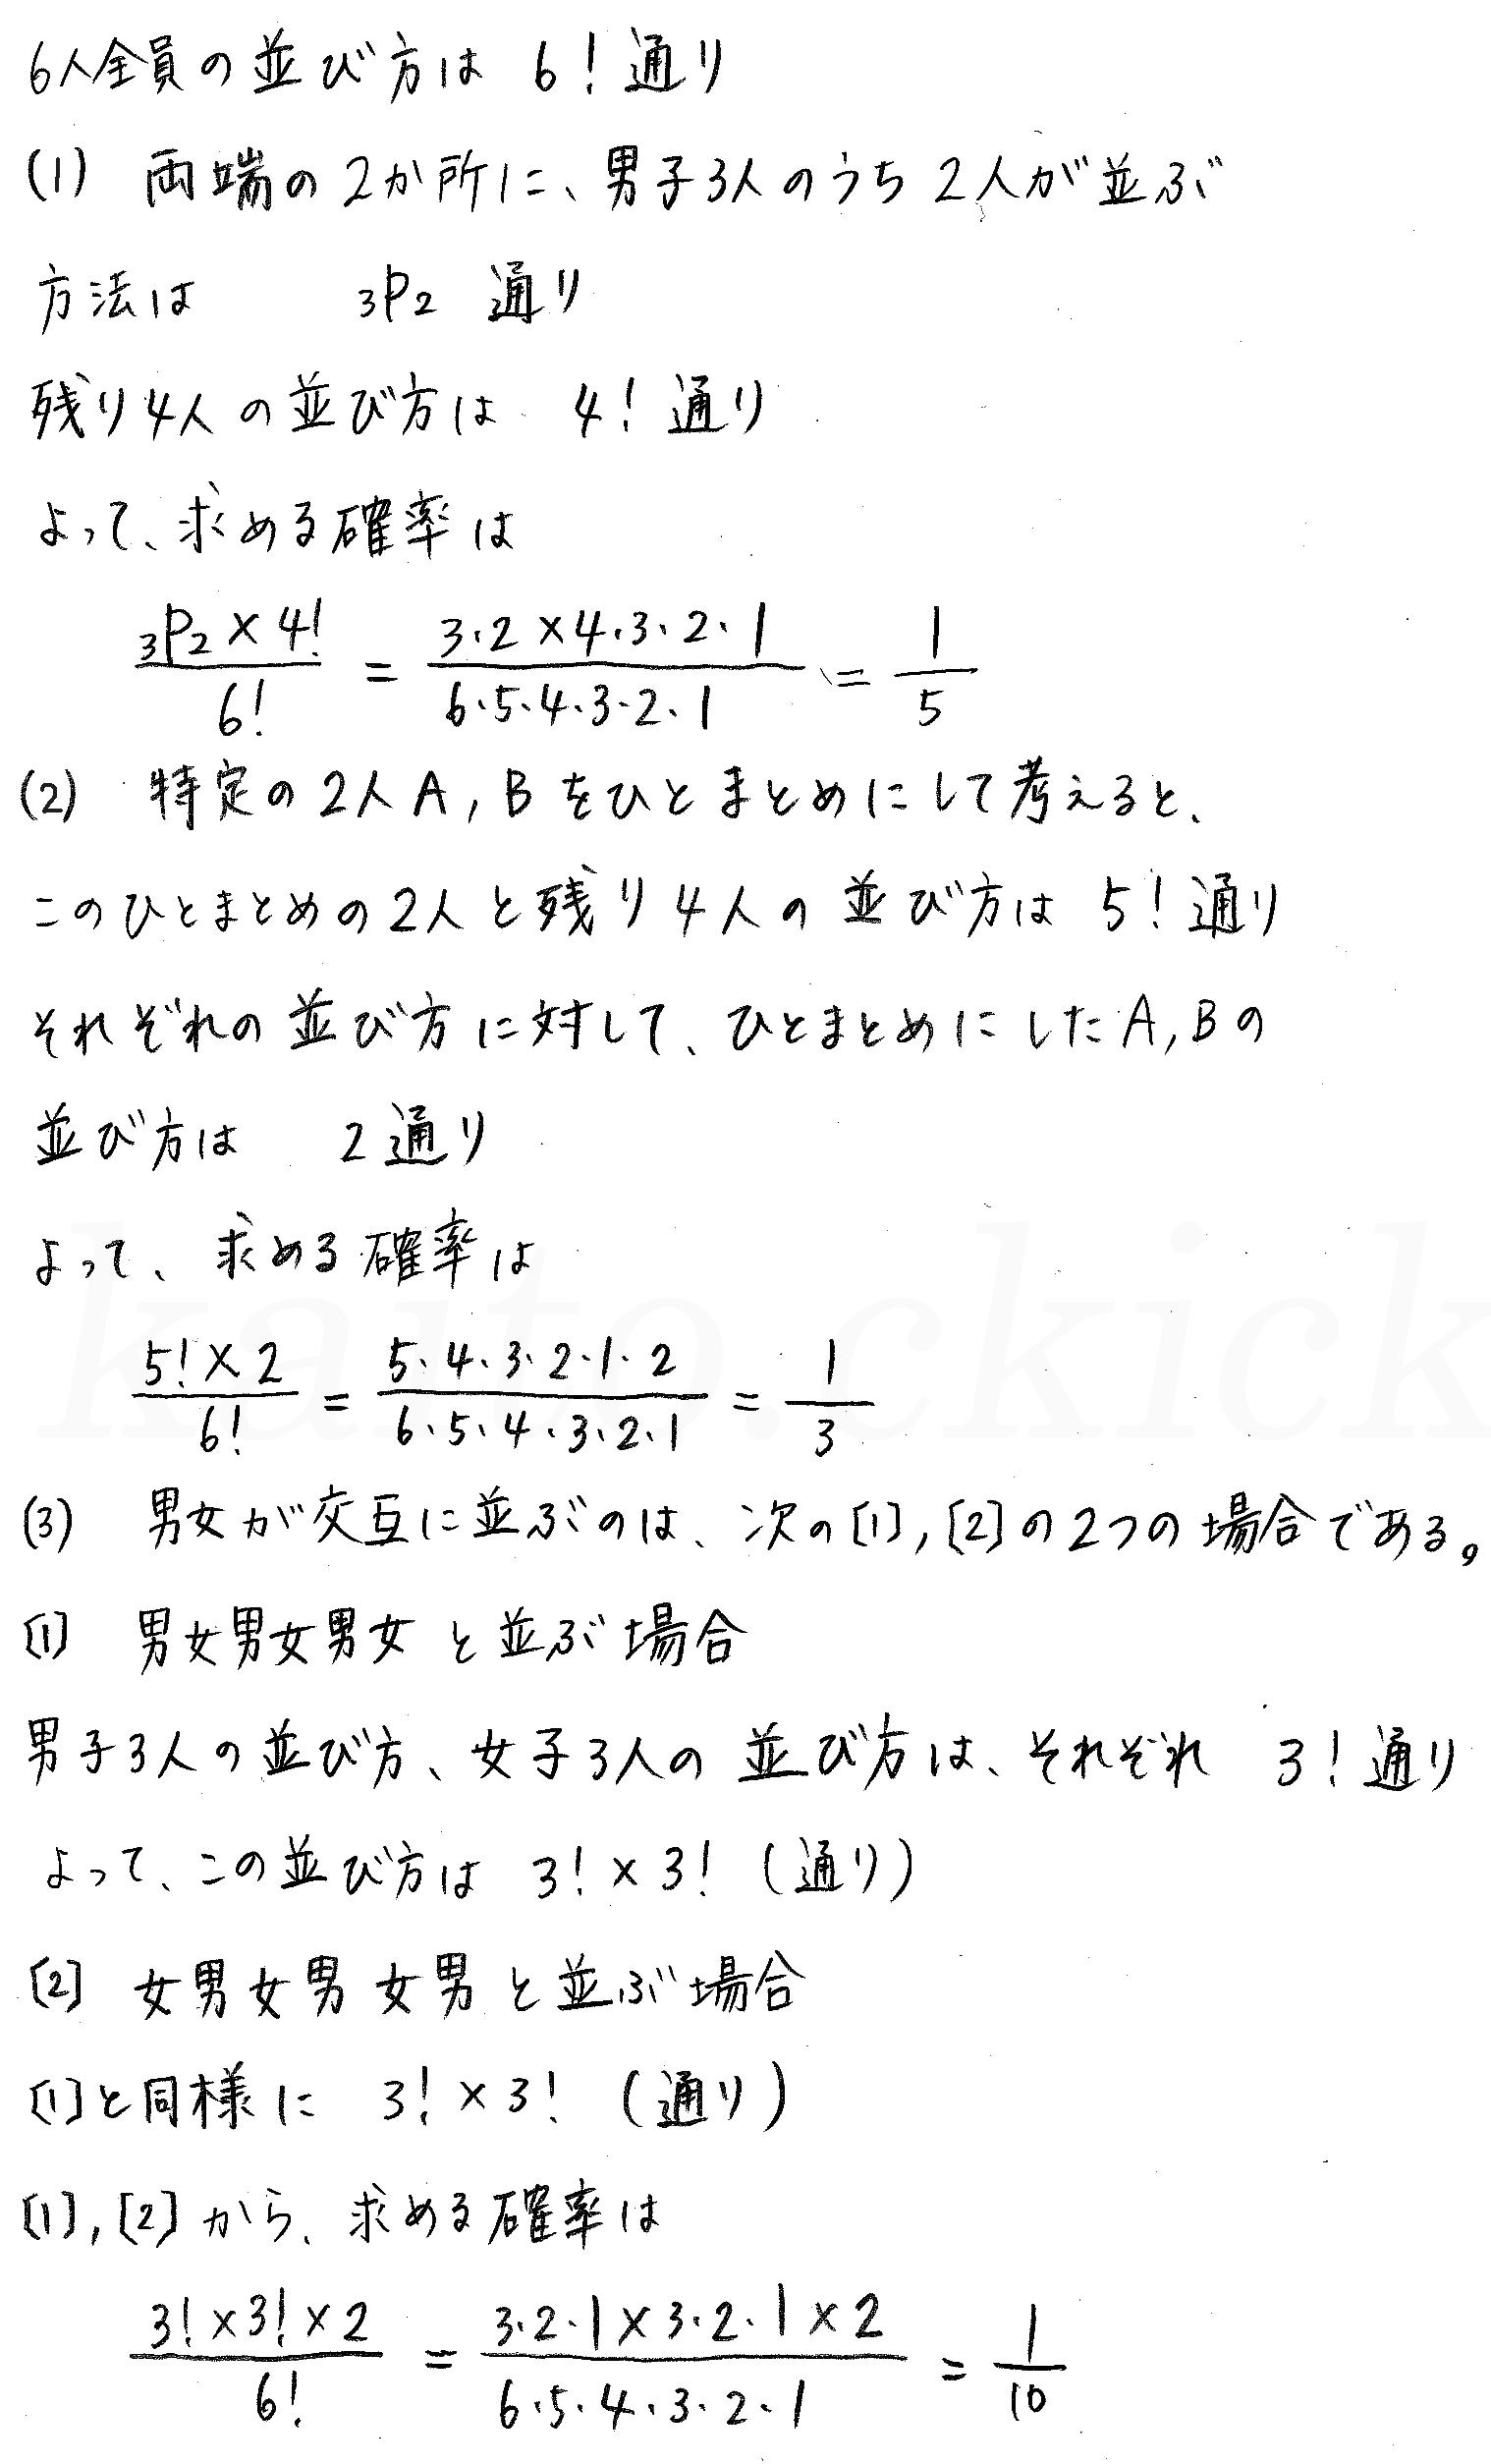 クリアー数学A-86解答